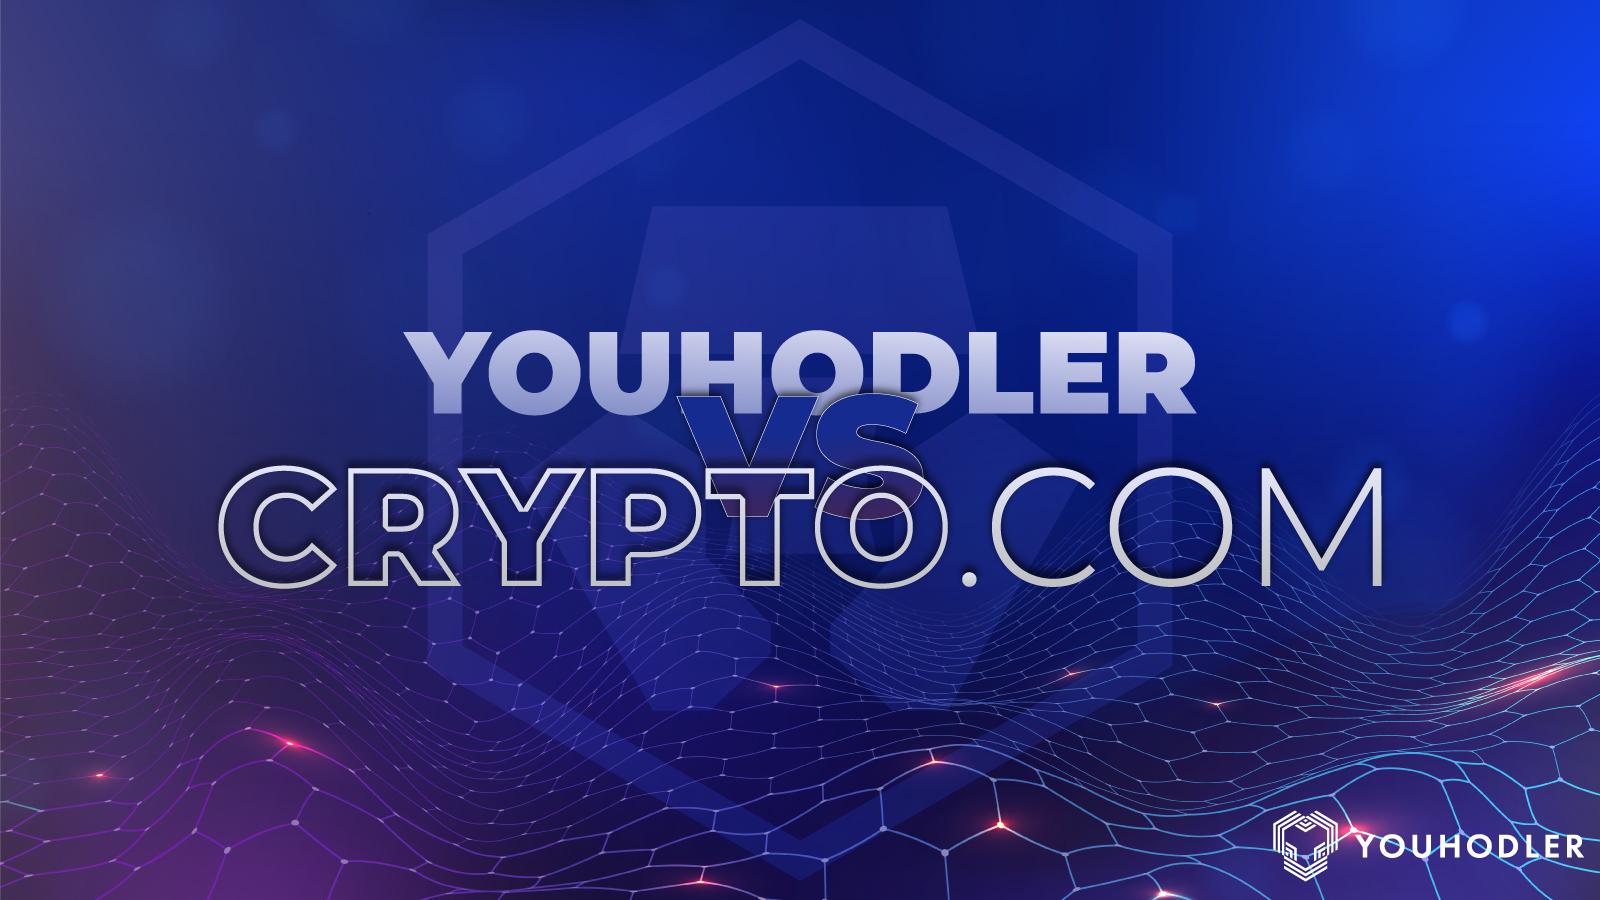 YouHodler vs. Crypto.com logos